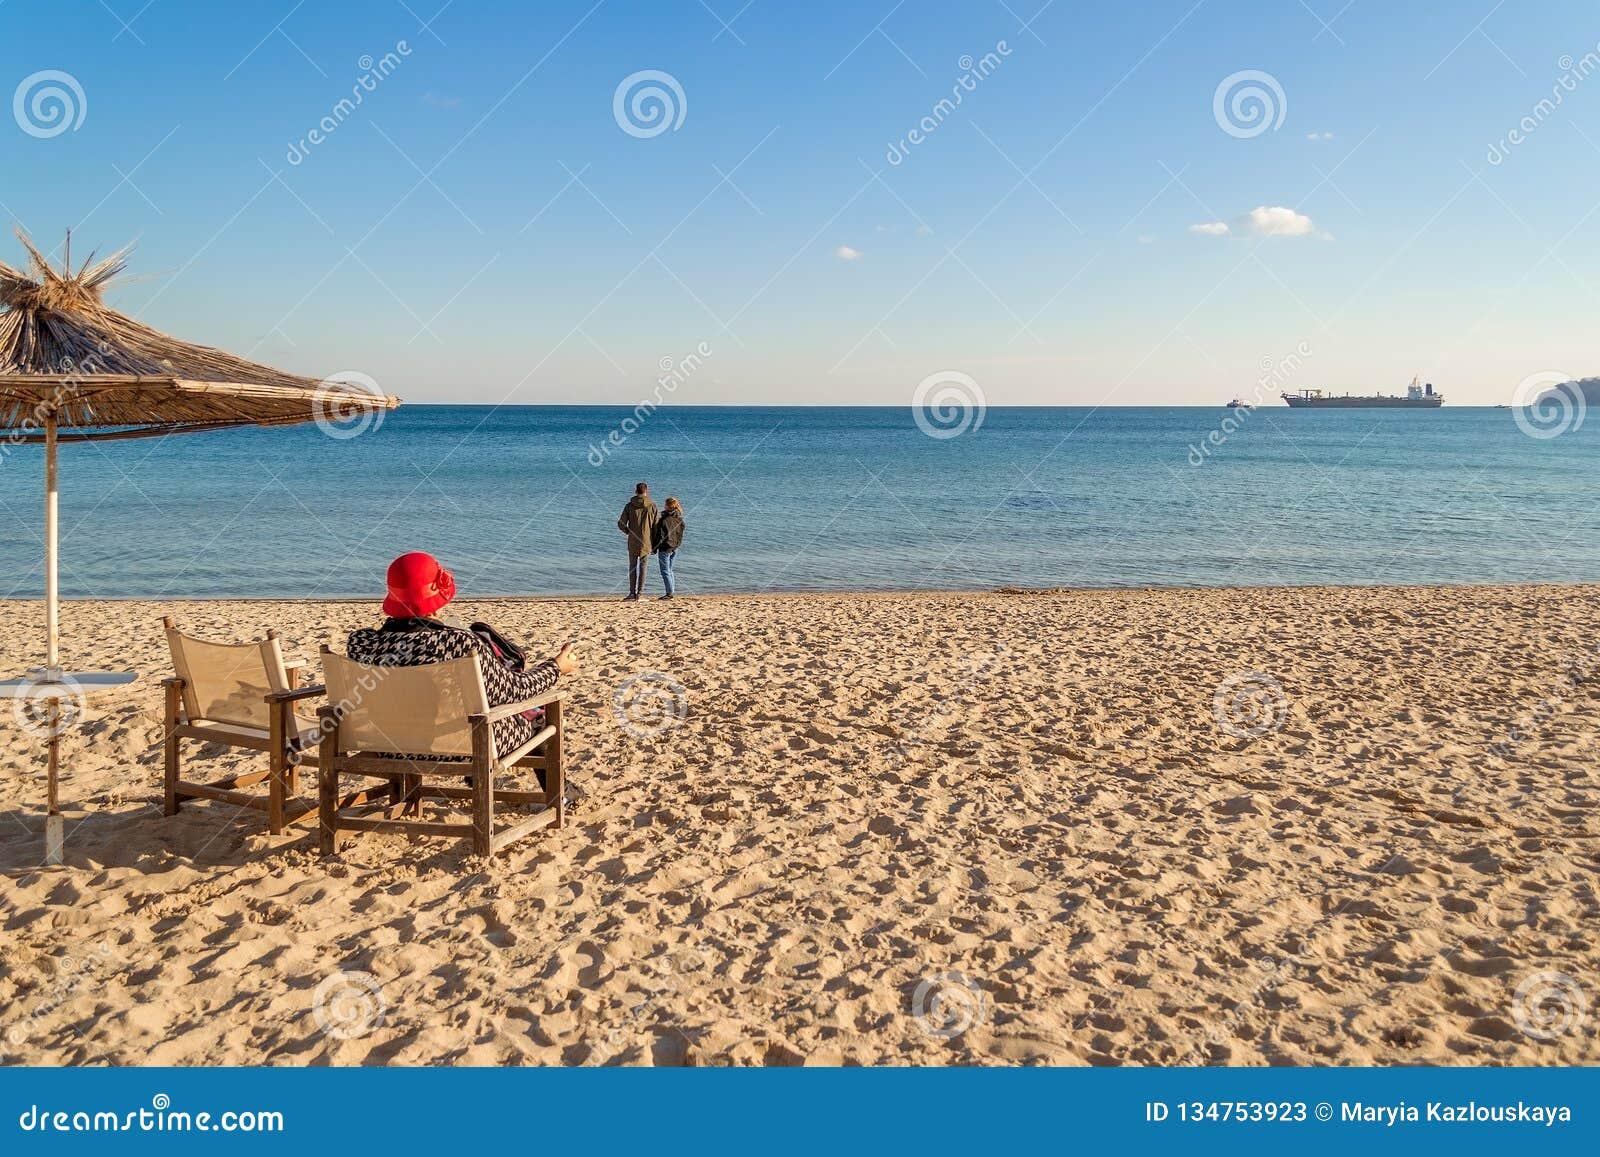 Παραλία χειμερινής θάλασσας και ήρεμη θάλασσα μια ηλιόλουστη ημέρα Μια μόνη ηλικιωμένη γυναίκα κάθεται σε μια καρέκλα γεφυρών που